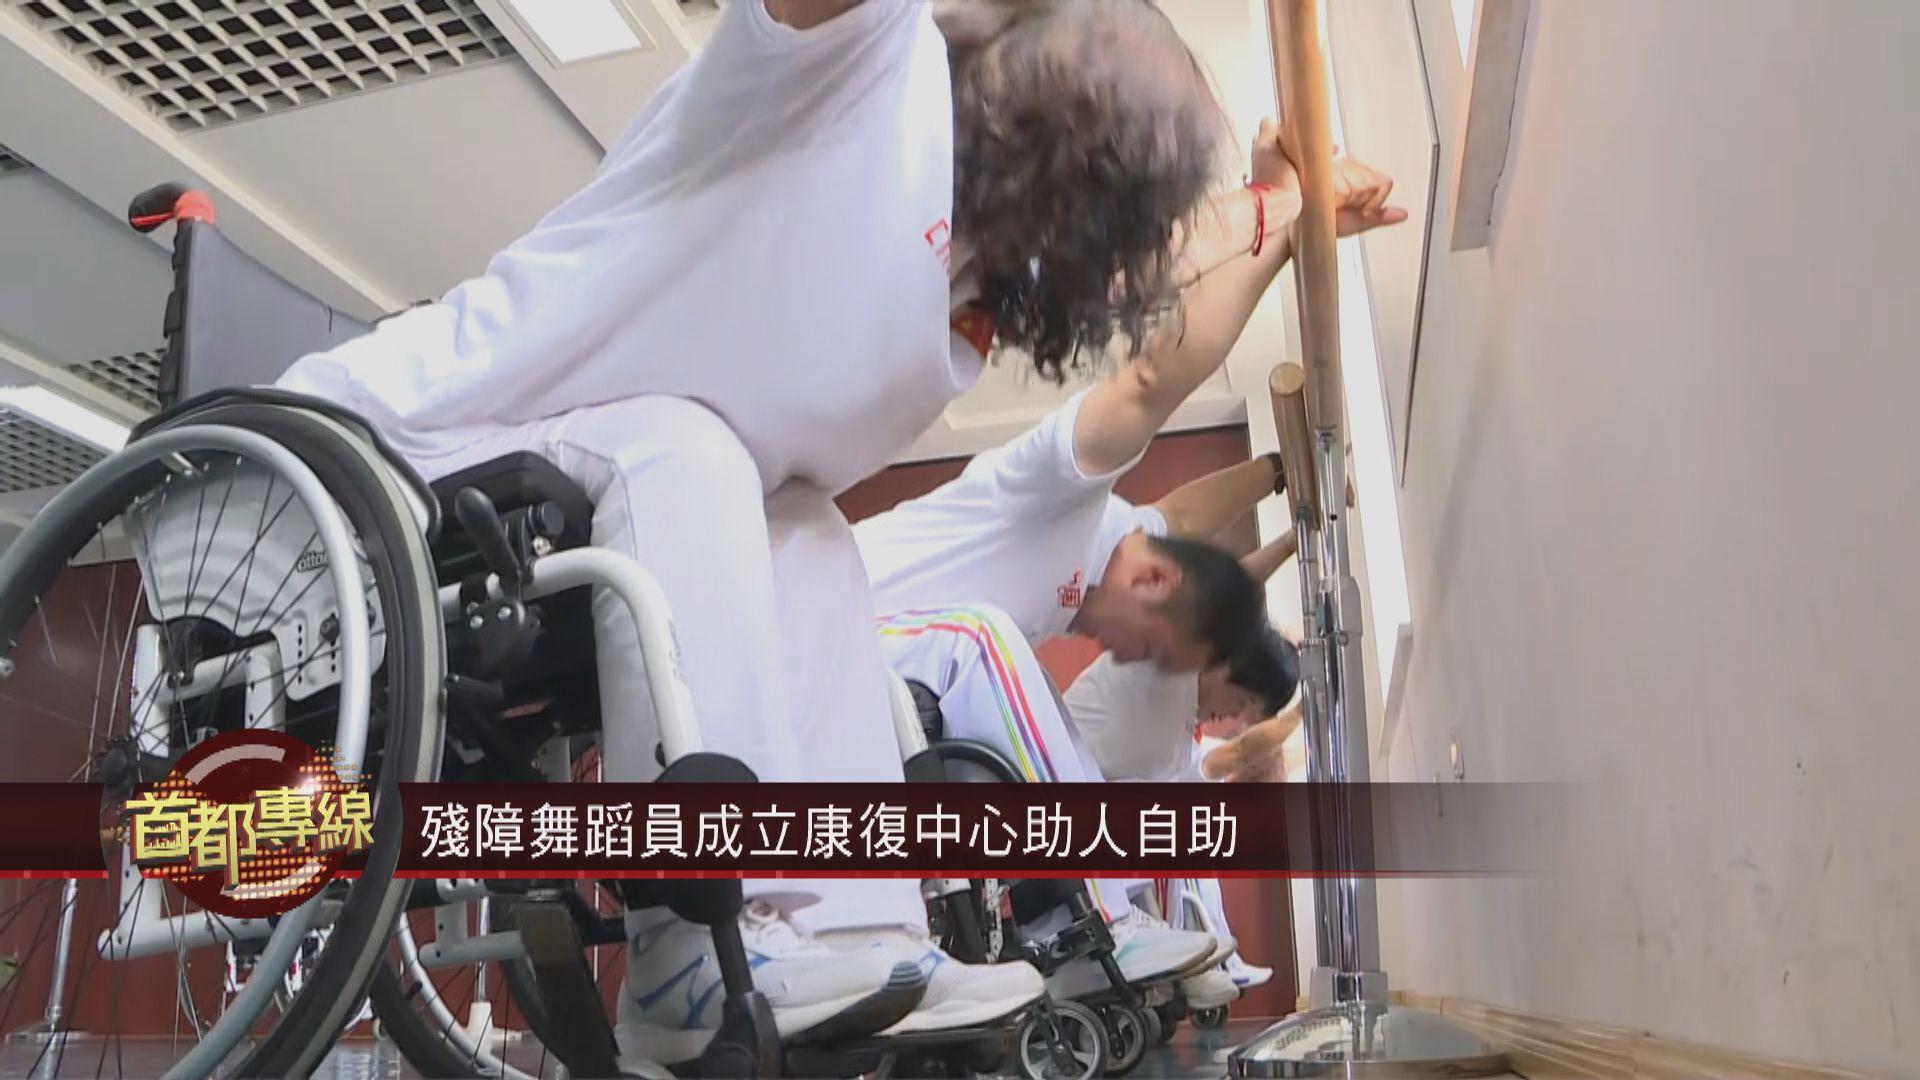 【首都專線】殘障舞蹈員成立康復中心助人自助